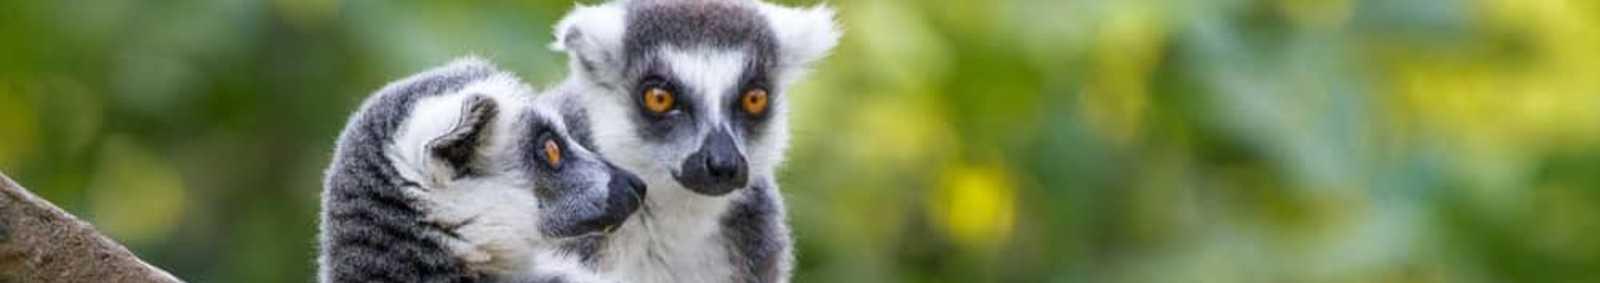 Lemur in Madagascar